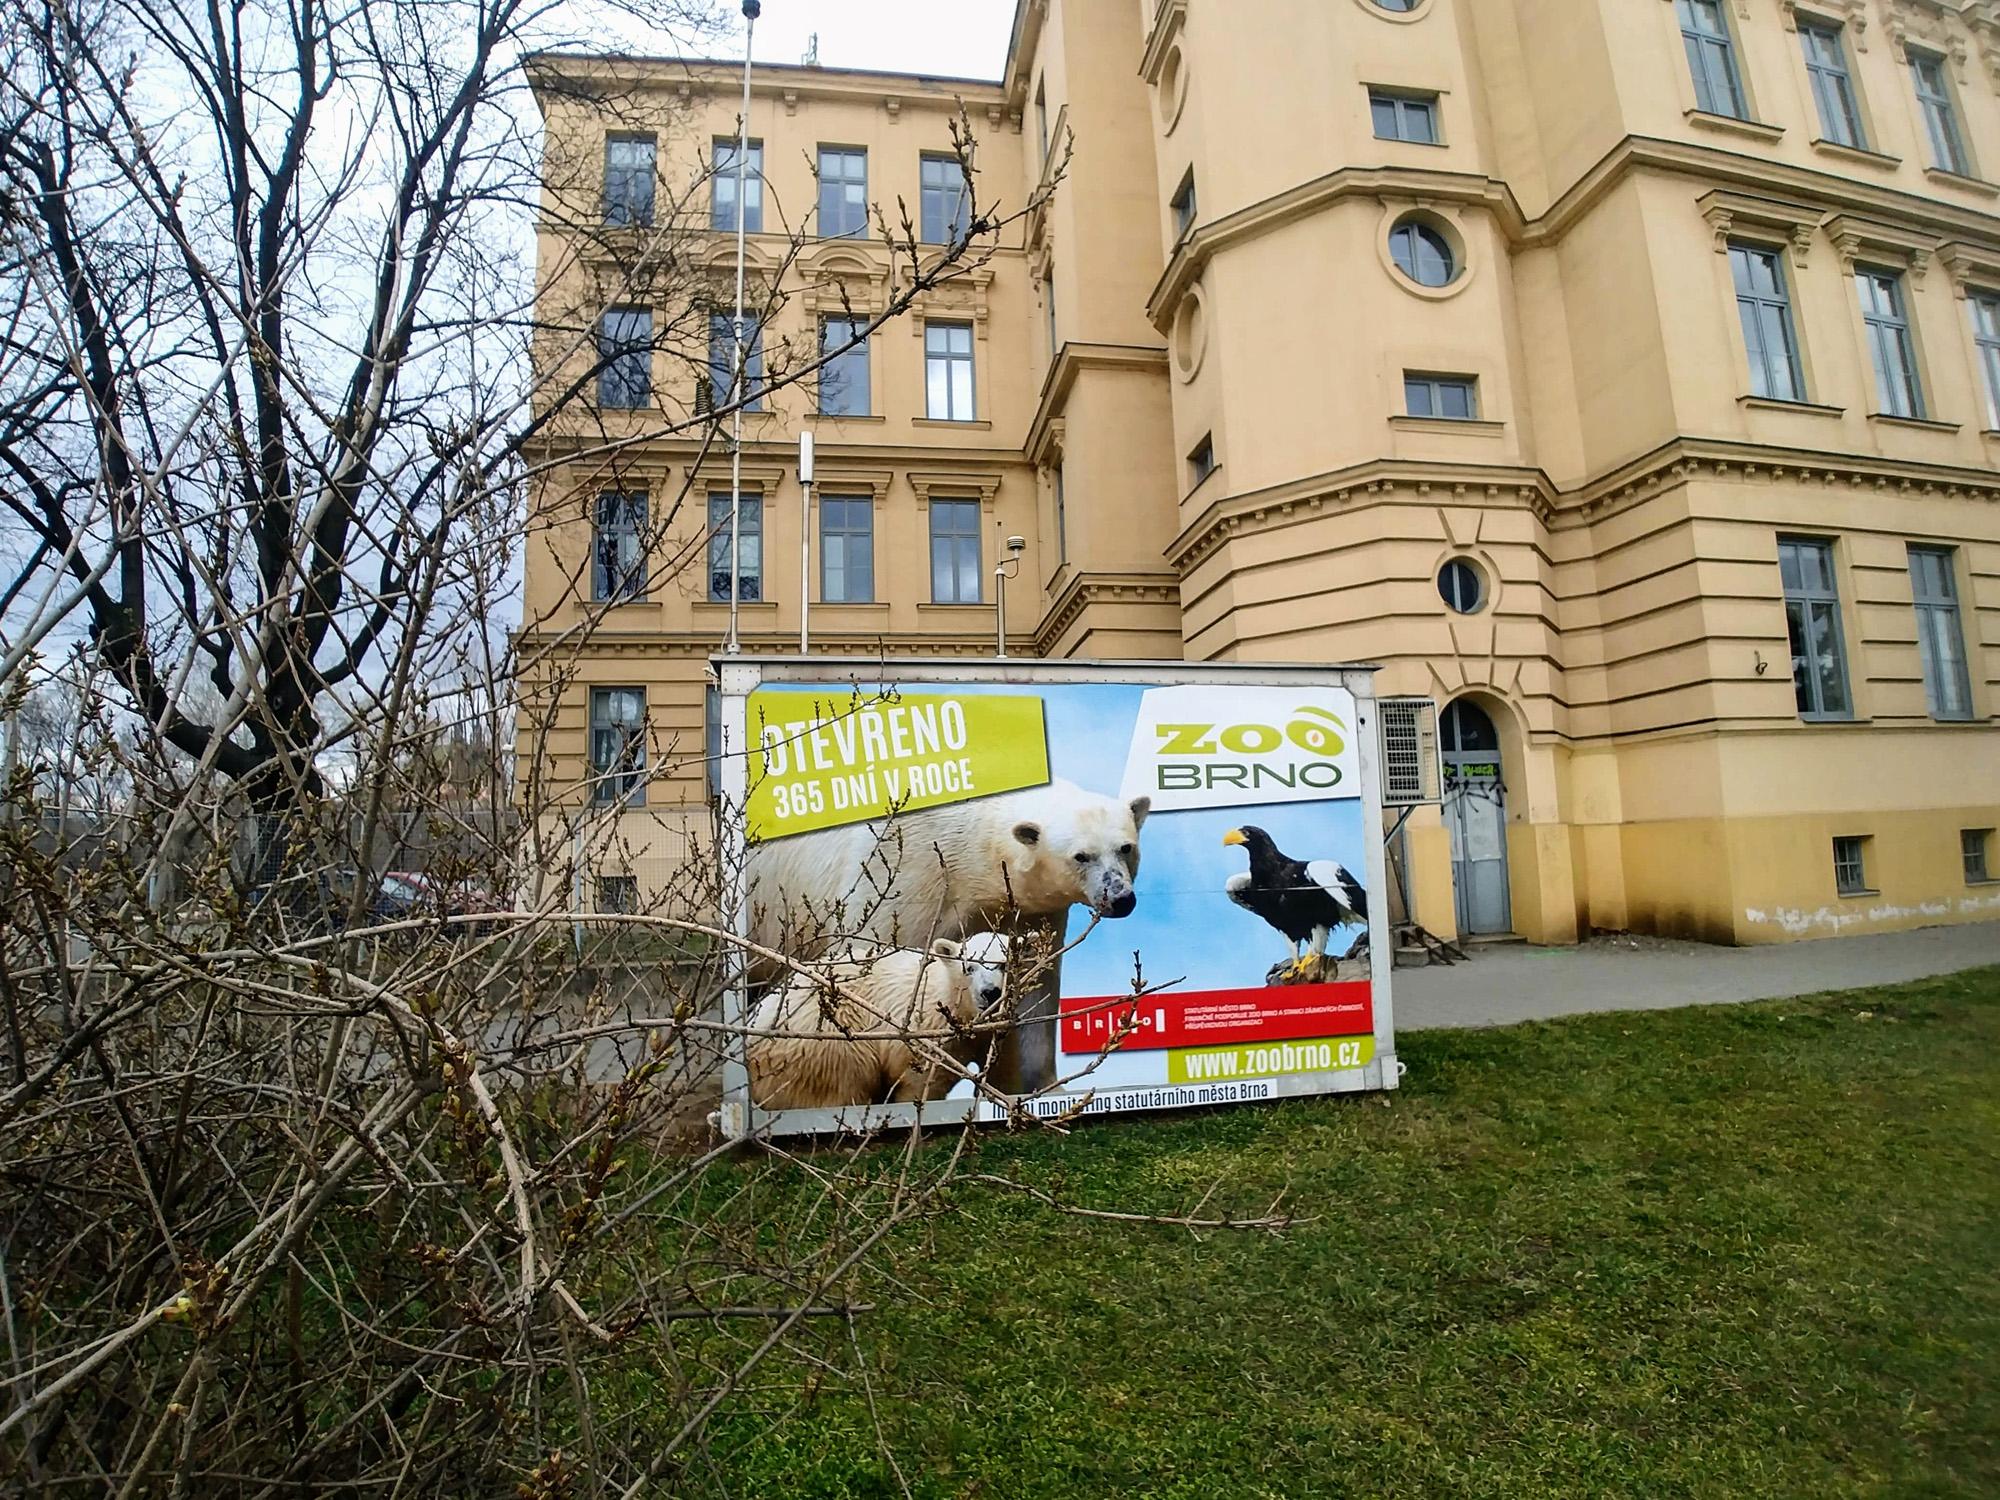 Změna klasifikace stanice Brno-Zvonařka1 min čtení